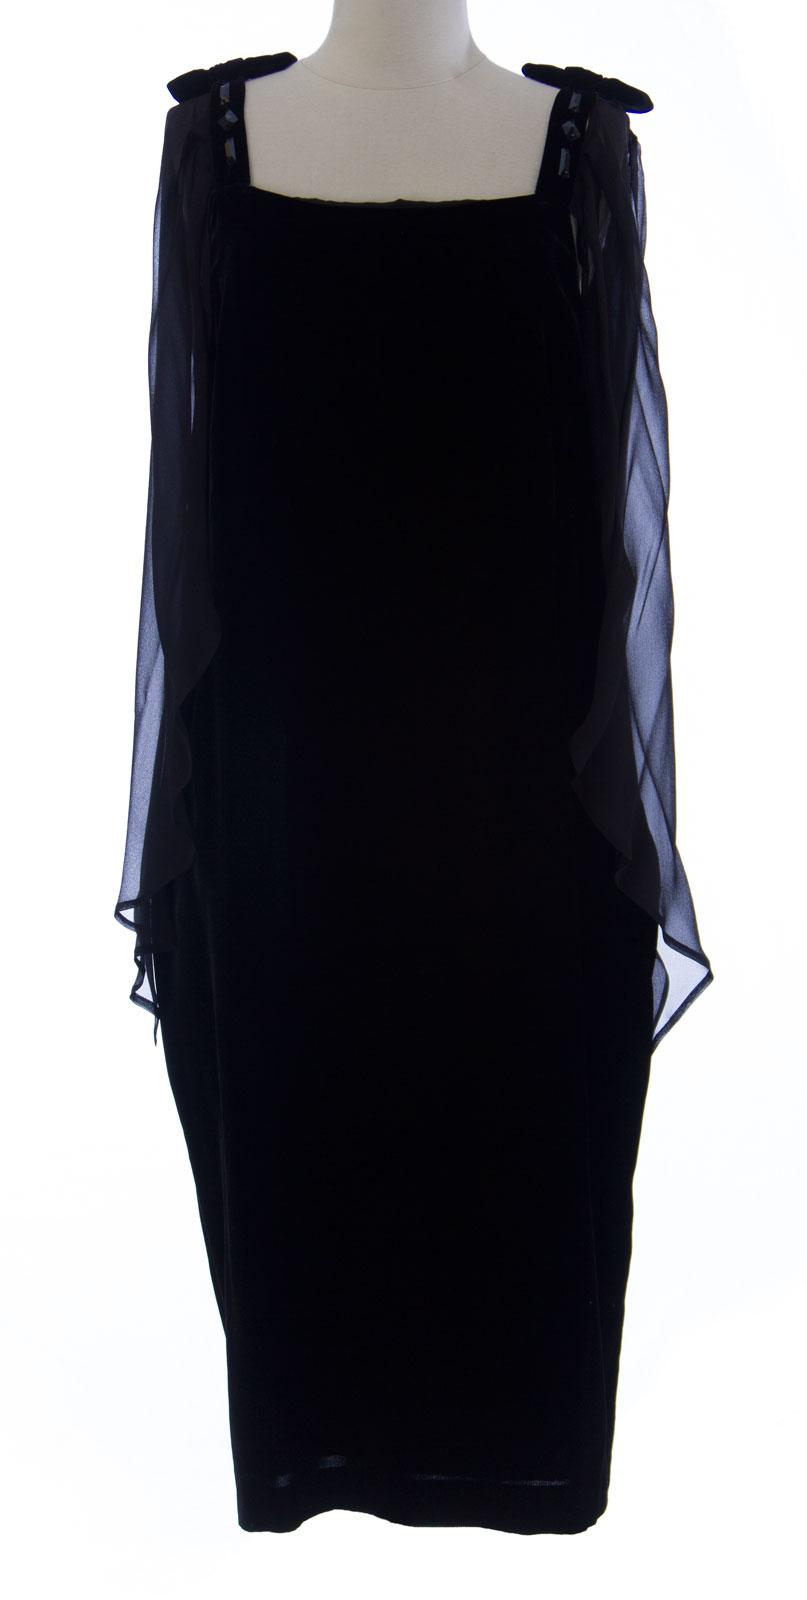 848fec03bc0 MARINA RINALDI by MaxMara Raudo Black Velour Drape Sleeve Dress 12W ...